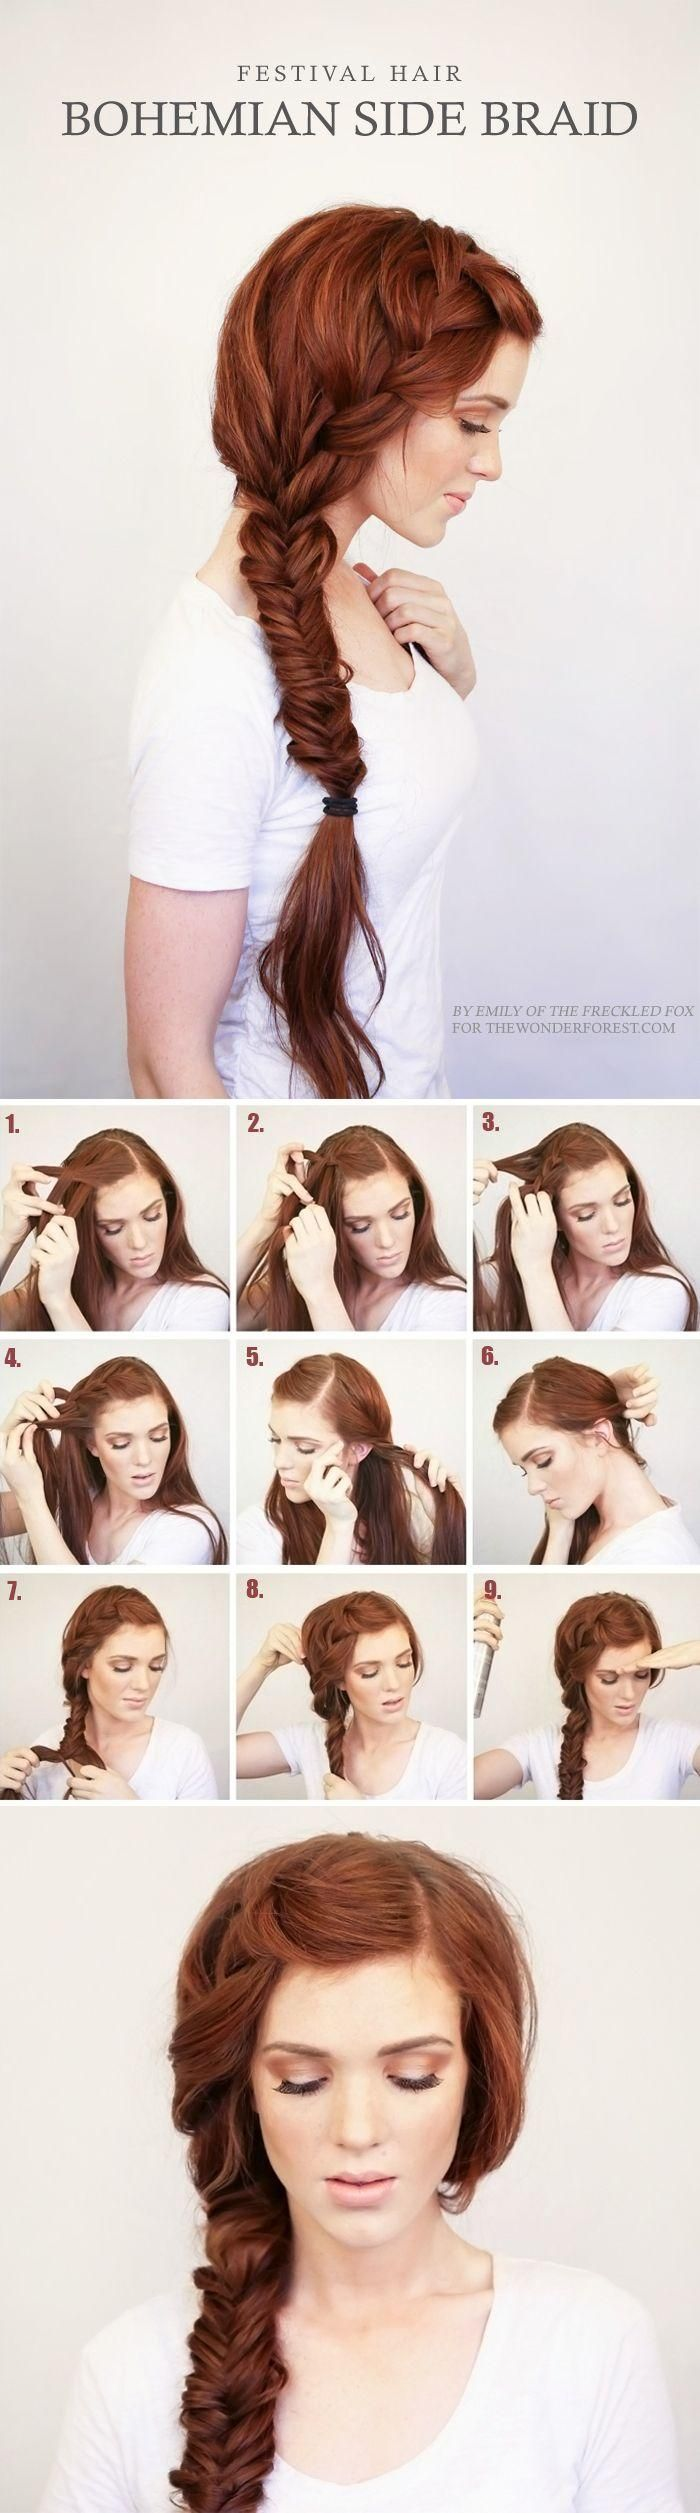 Easy diy side braid (boho bridal hairstyle idea)